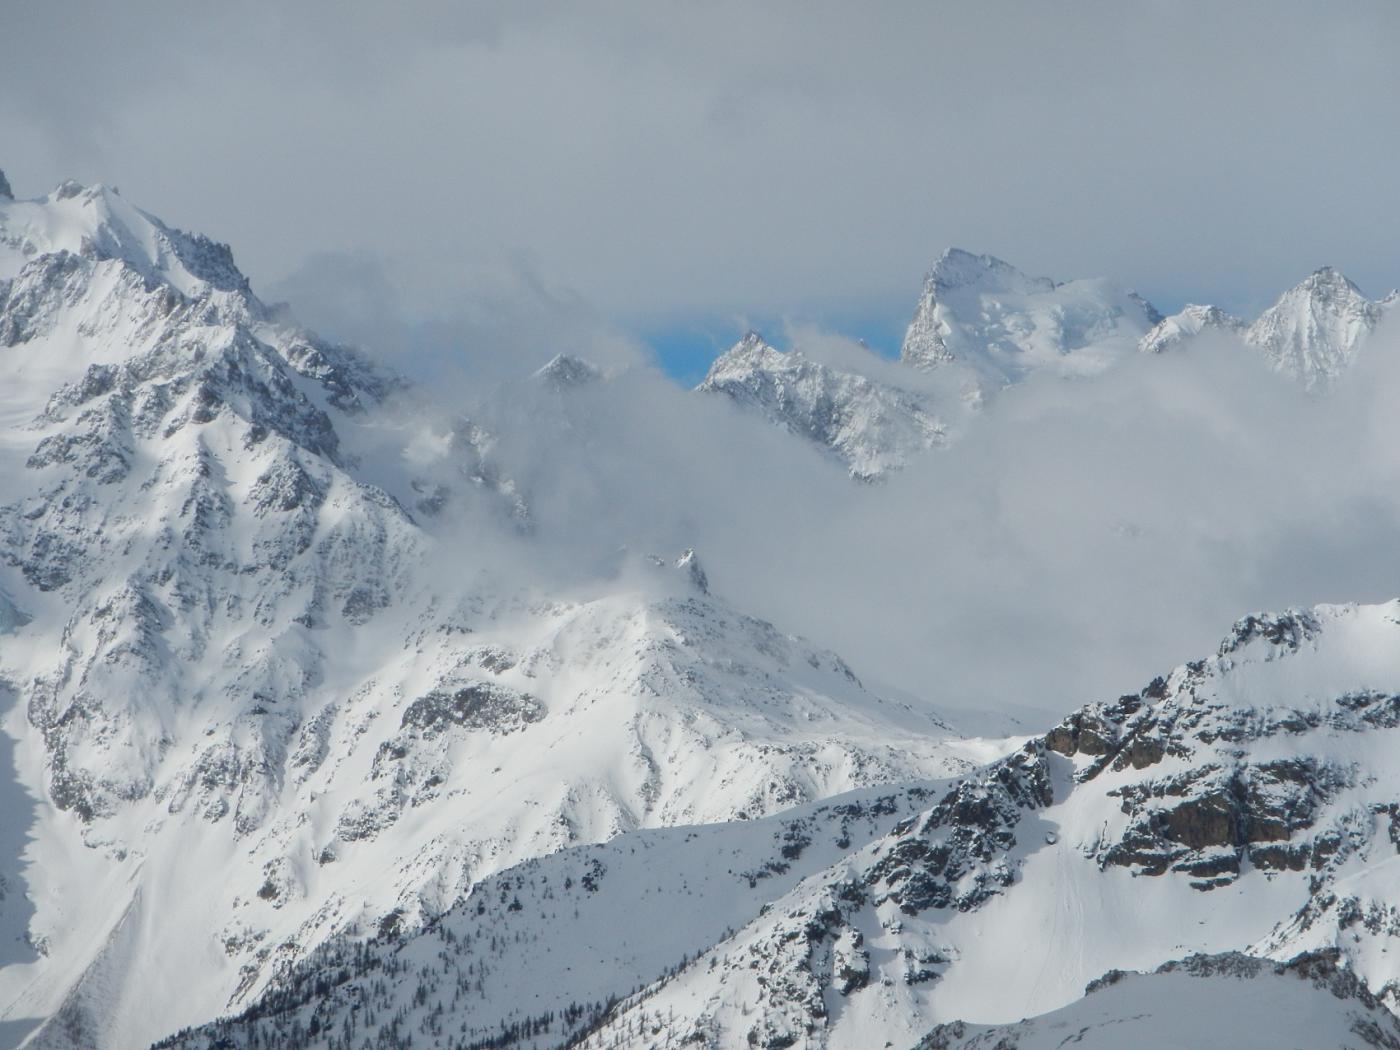 Chardonnet (Crete du) quota 2713 m da le Pont de l'Alpe, anello per i colli Aiguillette e Chardonnet 2015-04-04